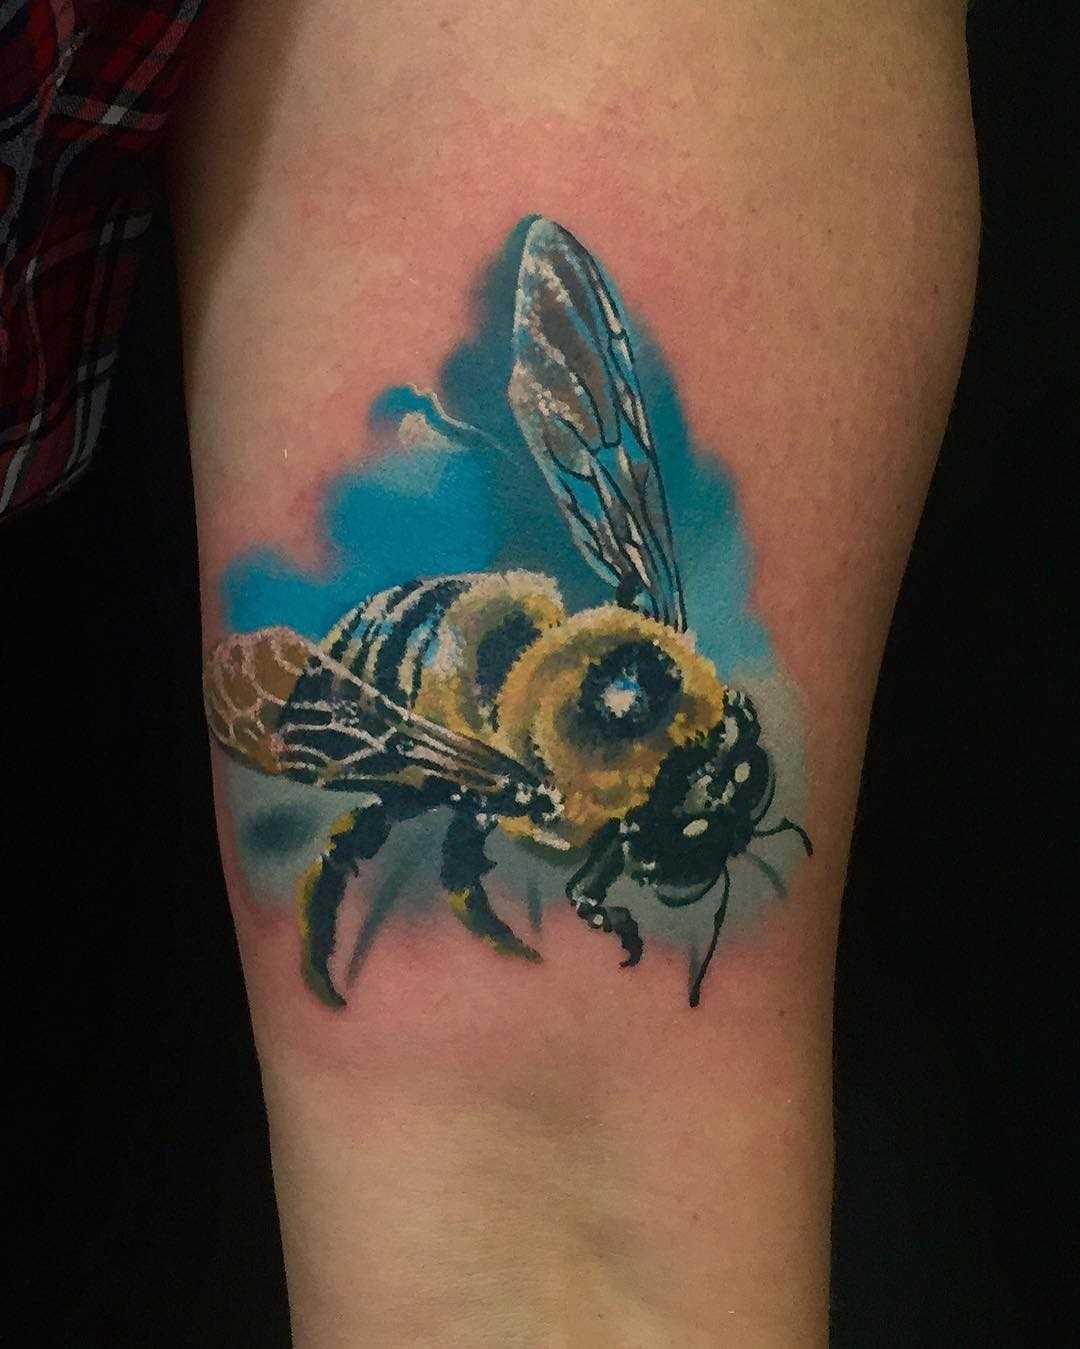 A imagem de uma abelha na mão da mulher